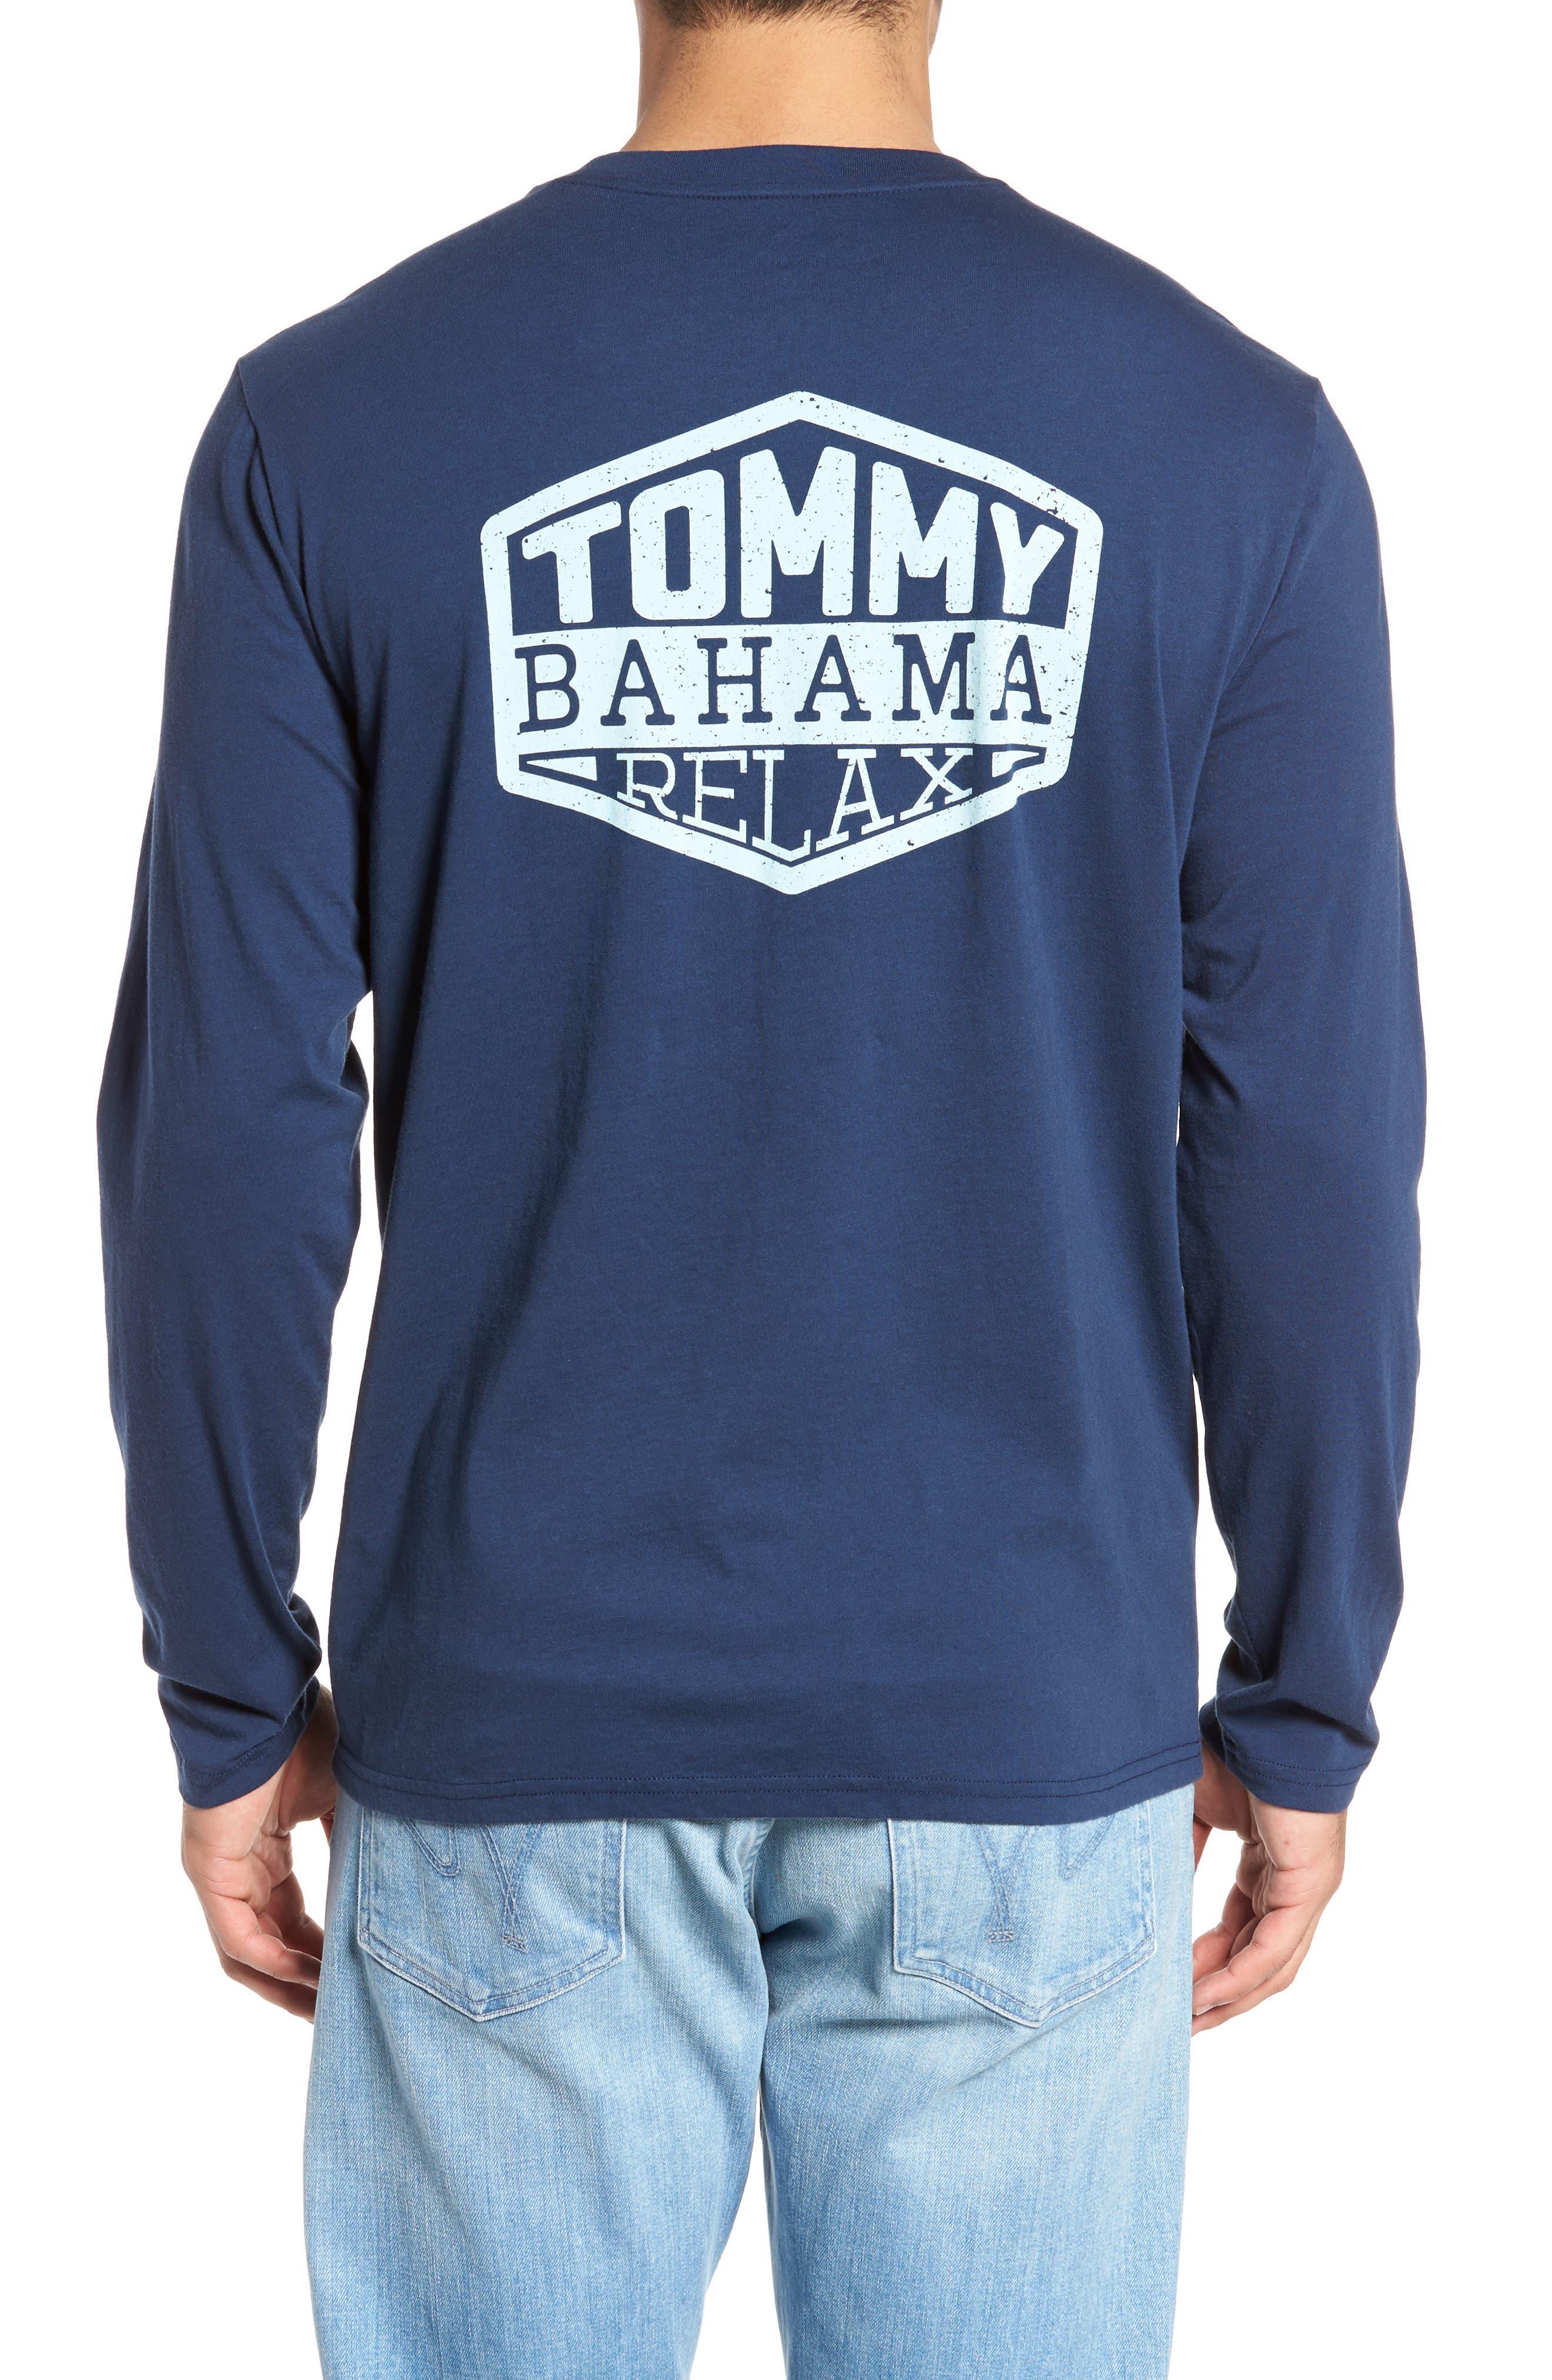 Alternate Image 1 Selected - Tommy Bahama Diamond Isle Graphic T-Shirt